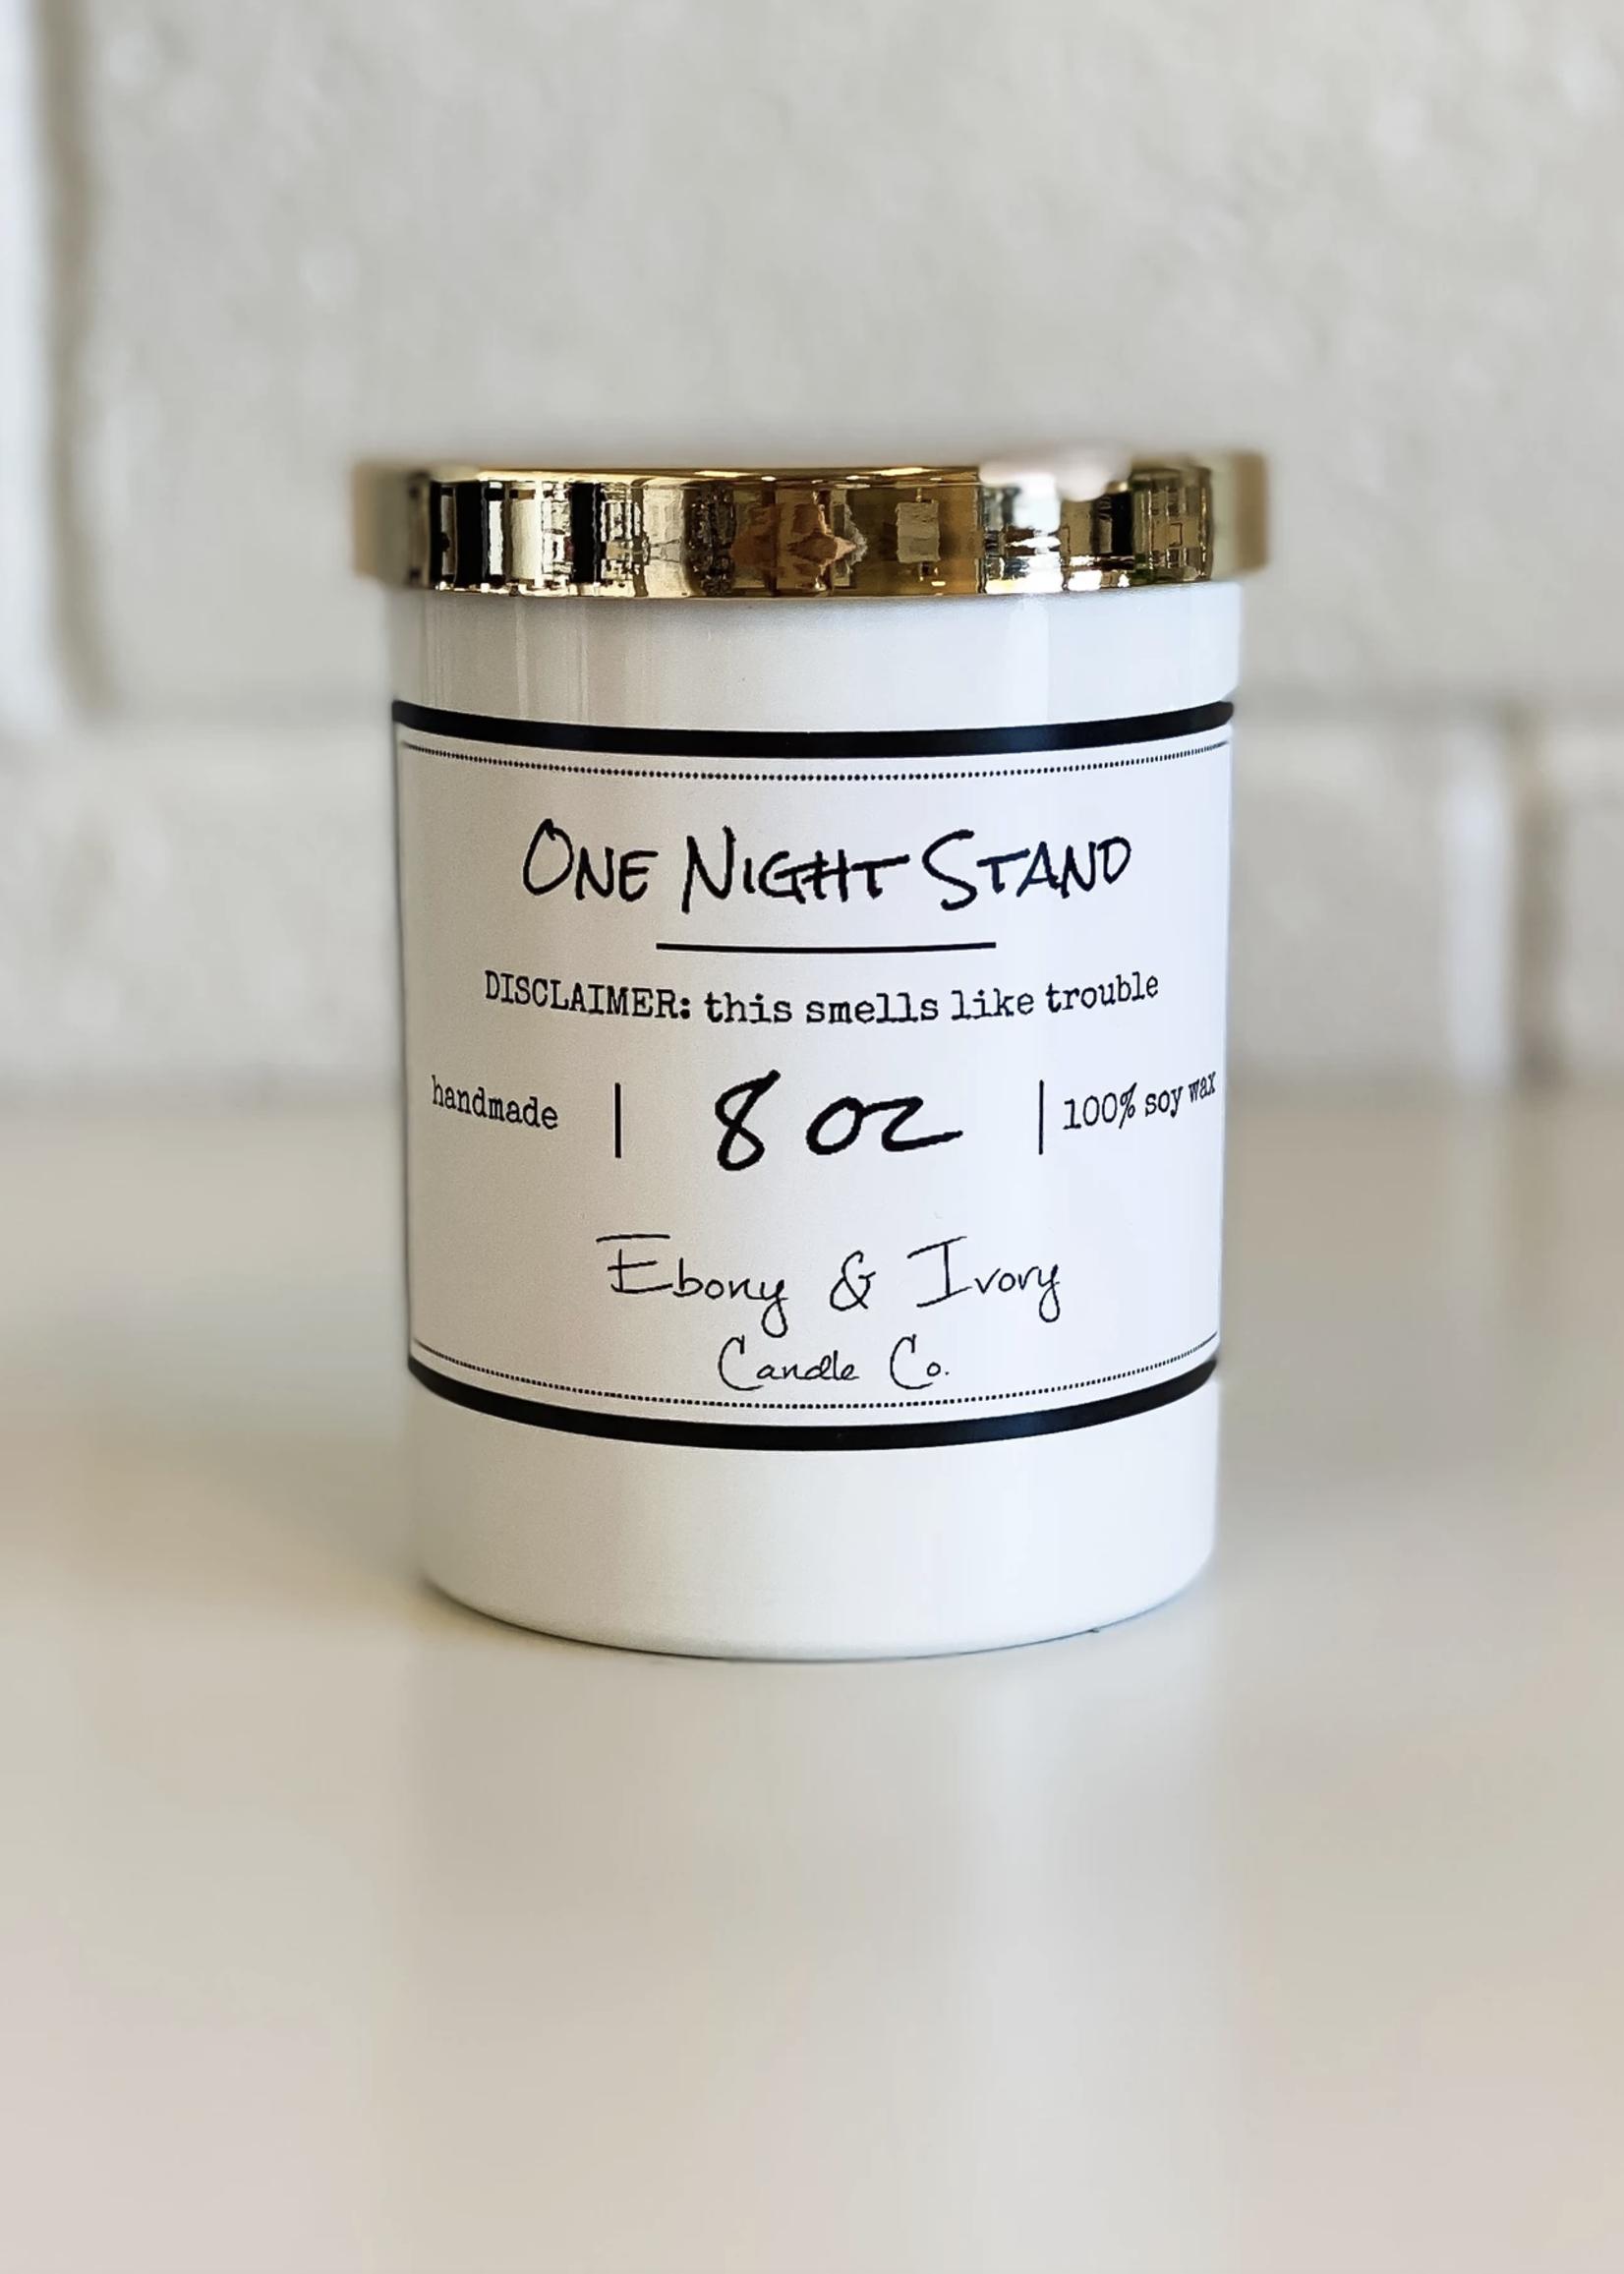 Ebony & Ivory Candle Co. One Night Stand  -8oz